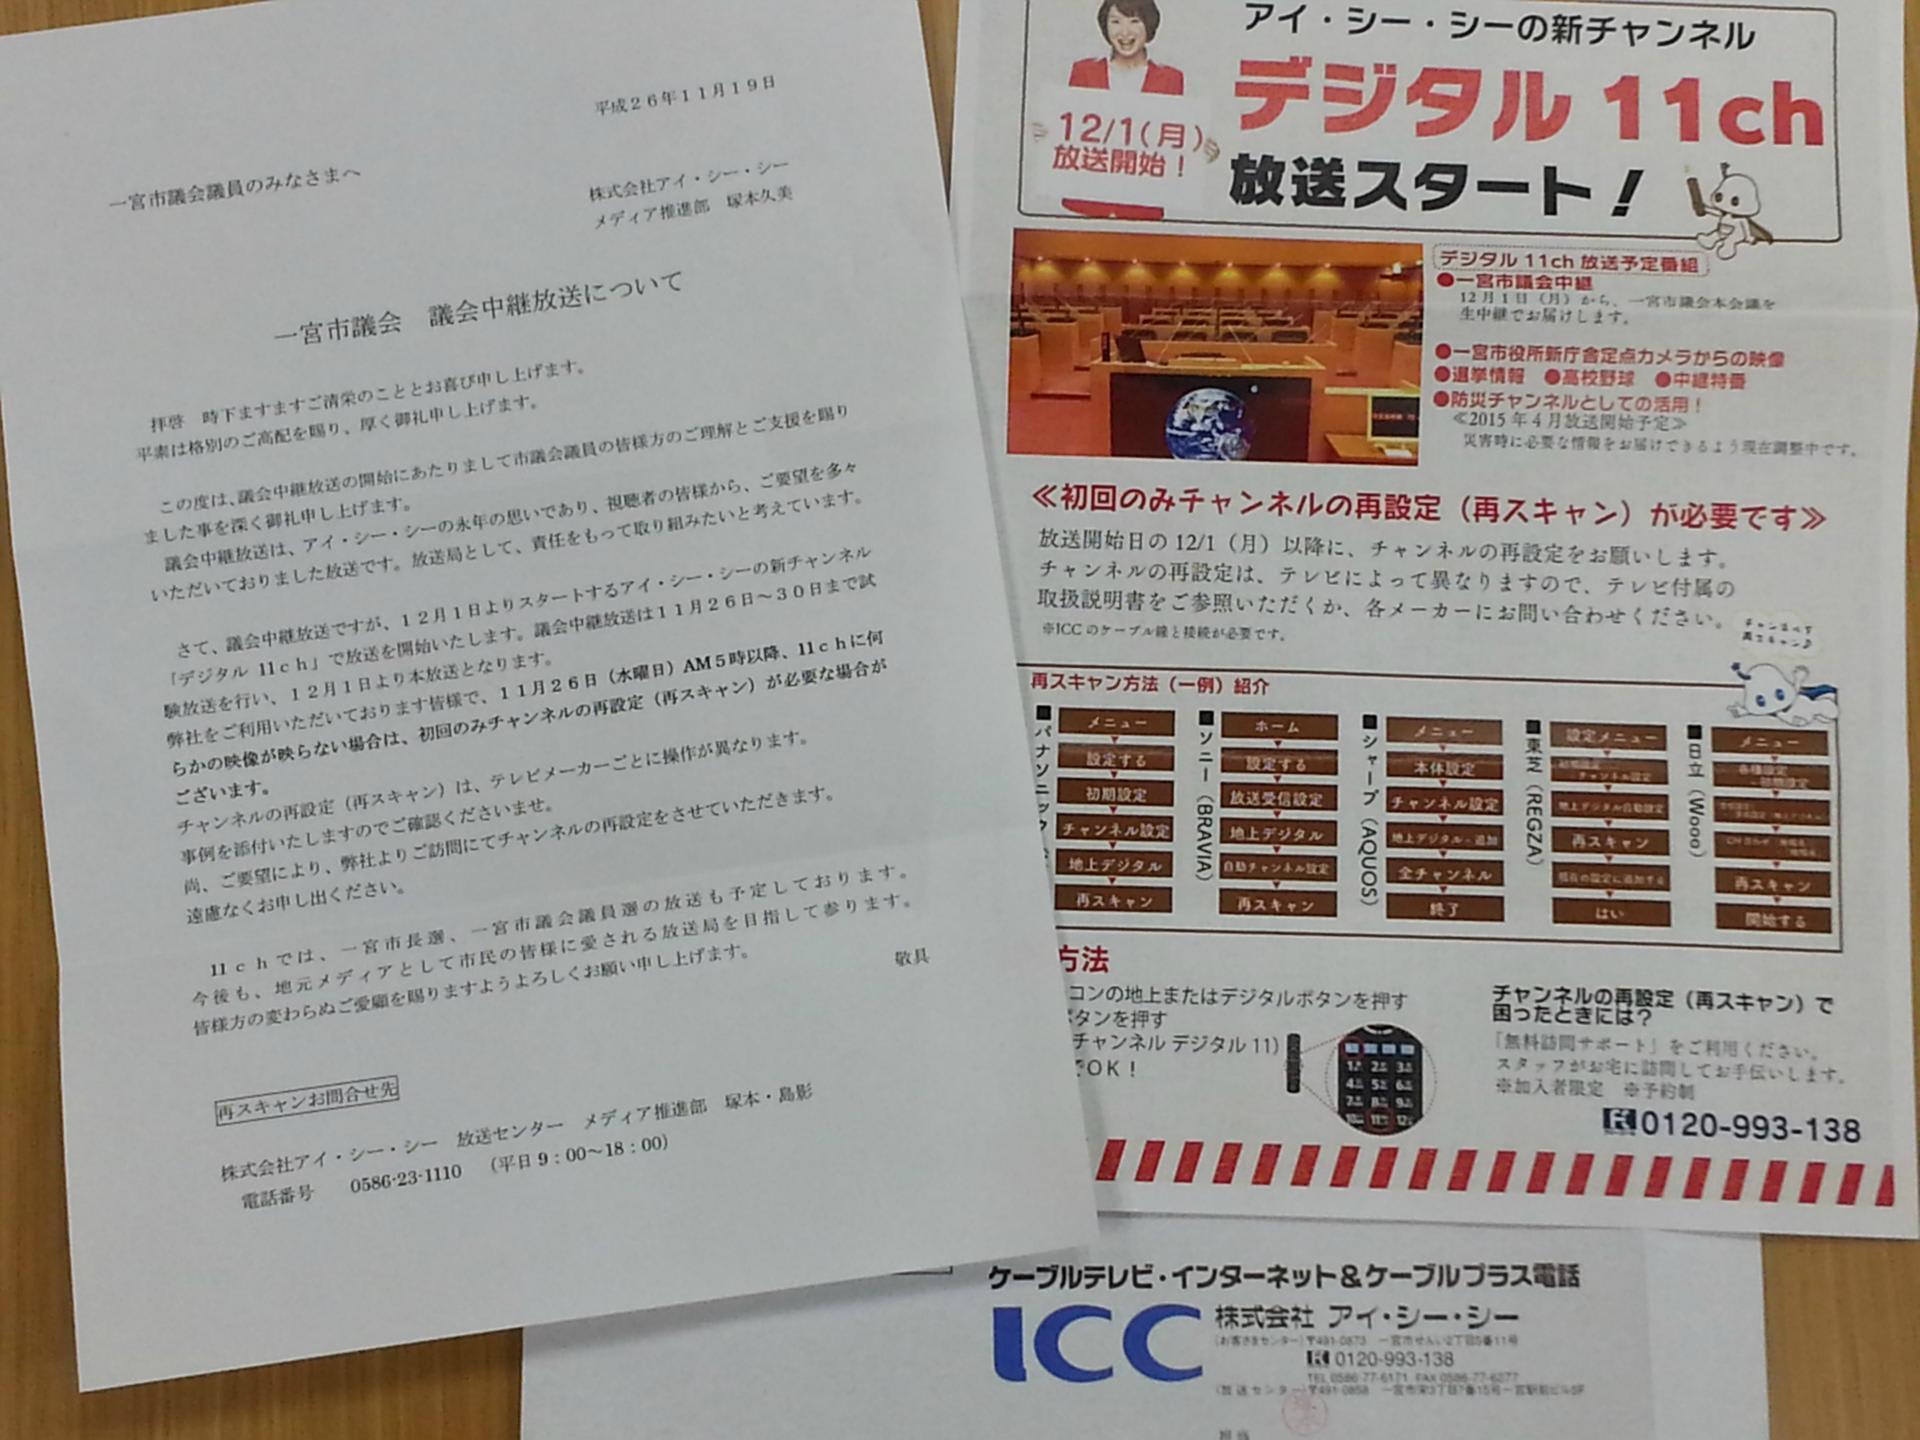 icc ケーブル テレビ